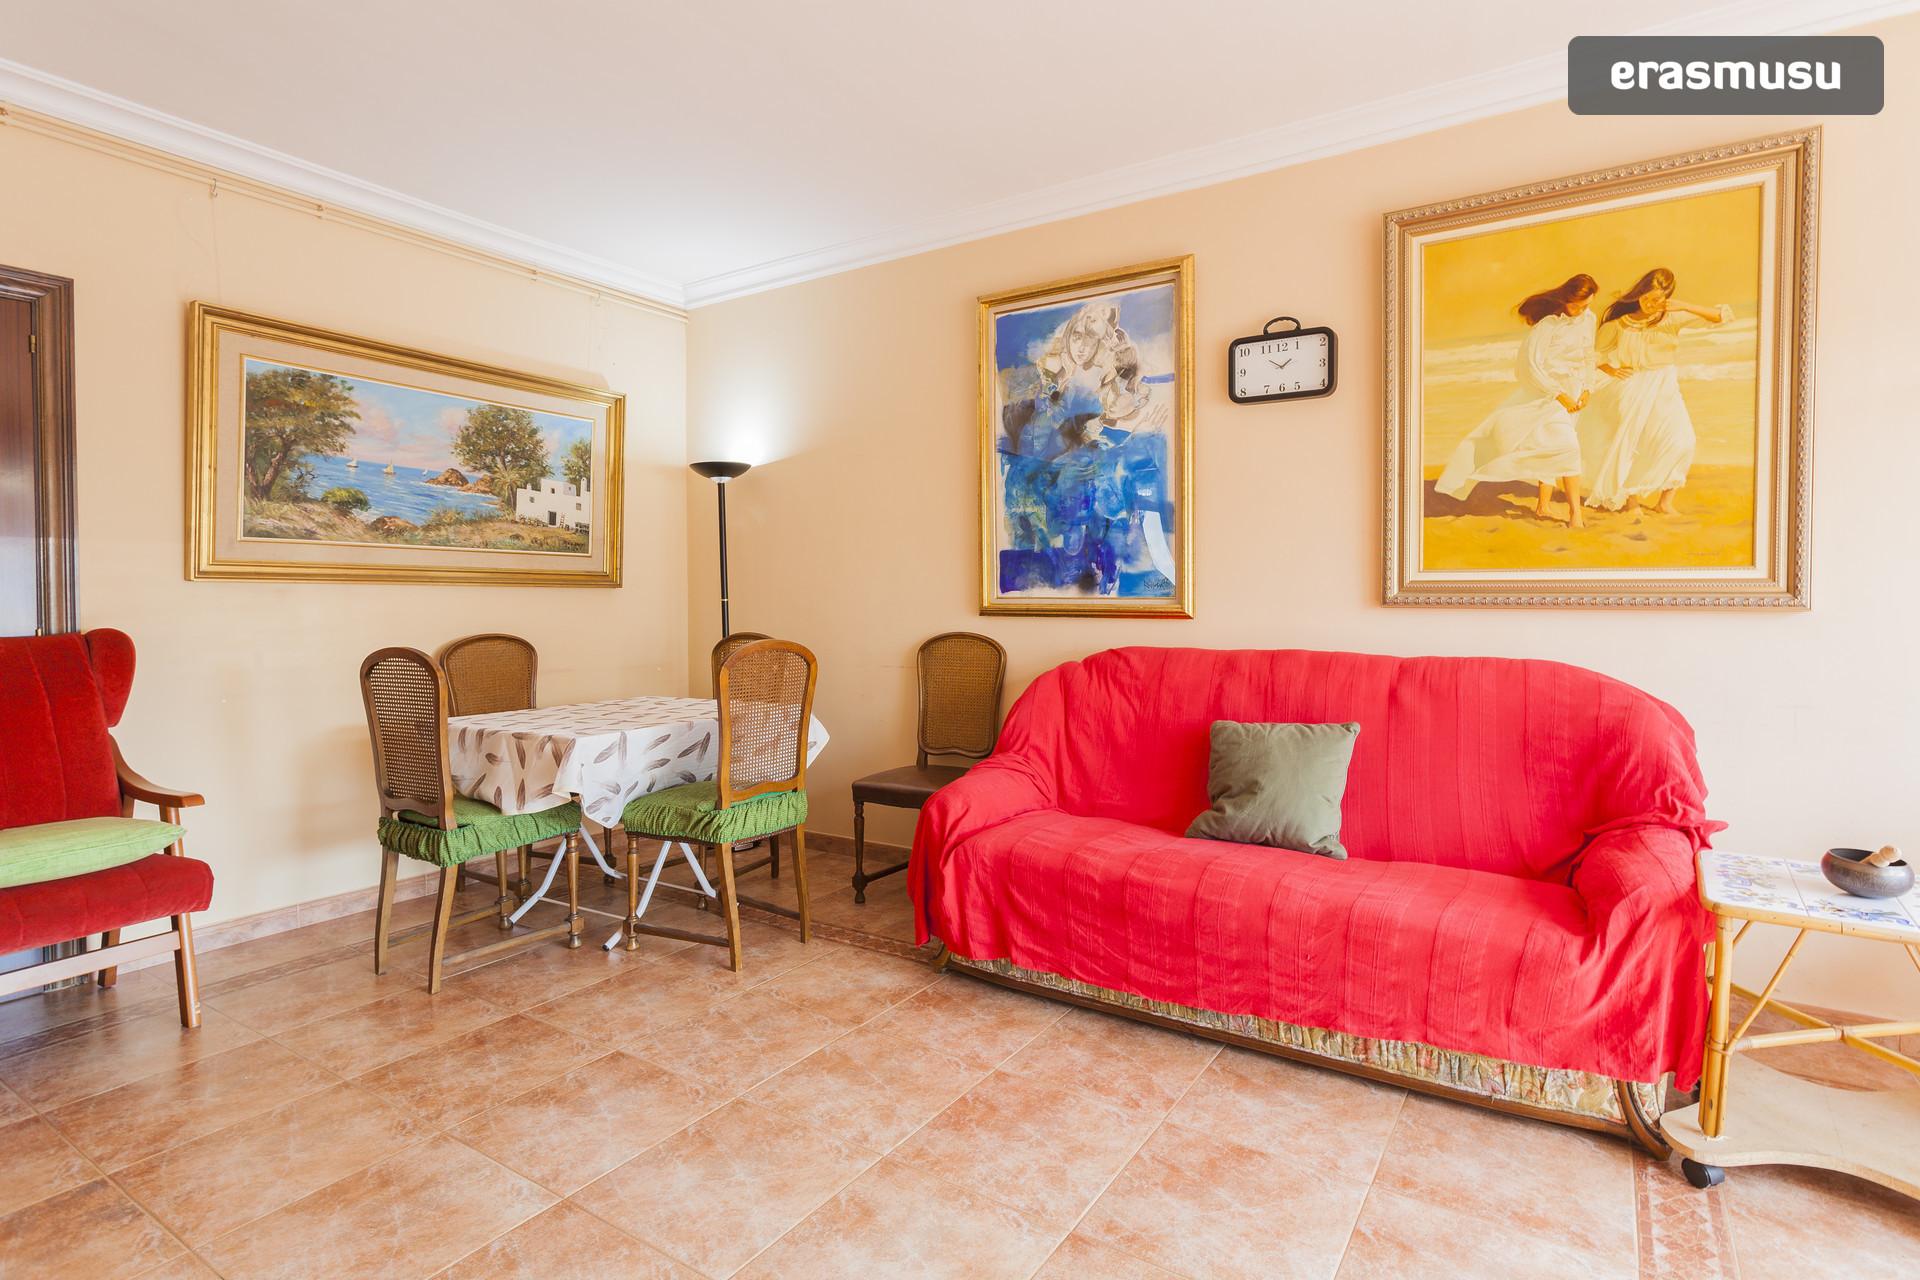 dormitorio-individual-zona-sagrega-e7da1